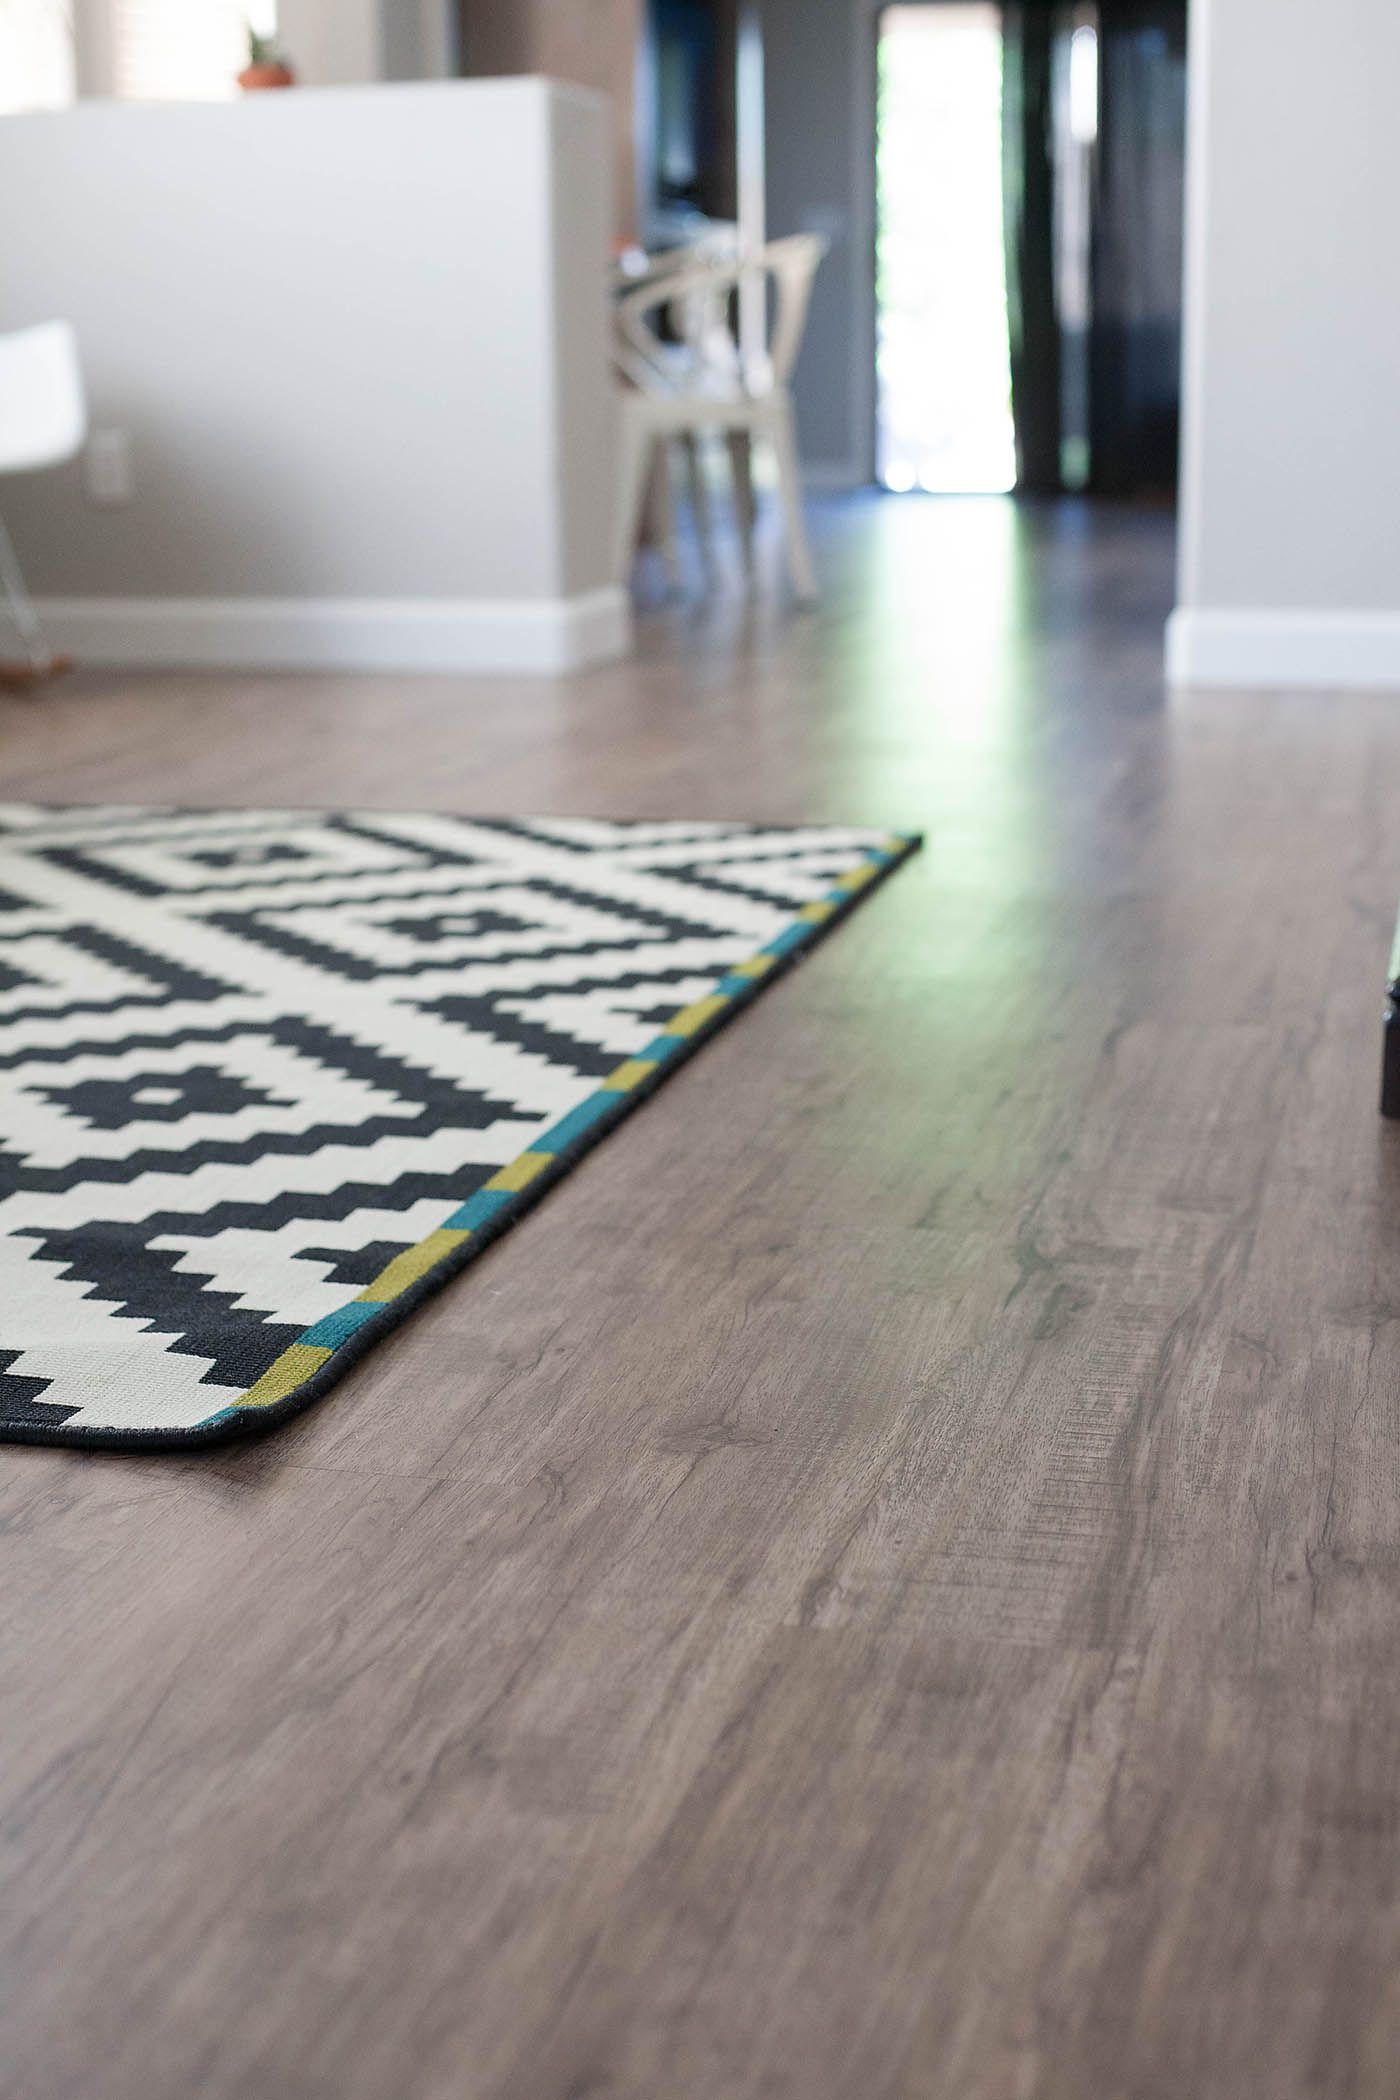 New Floors Shaw Floors Resilient Vinyl Vinyl Plank Flooring Vinyl Flooring Shaw Luxury Vinyl Plank